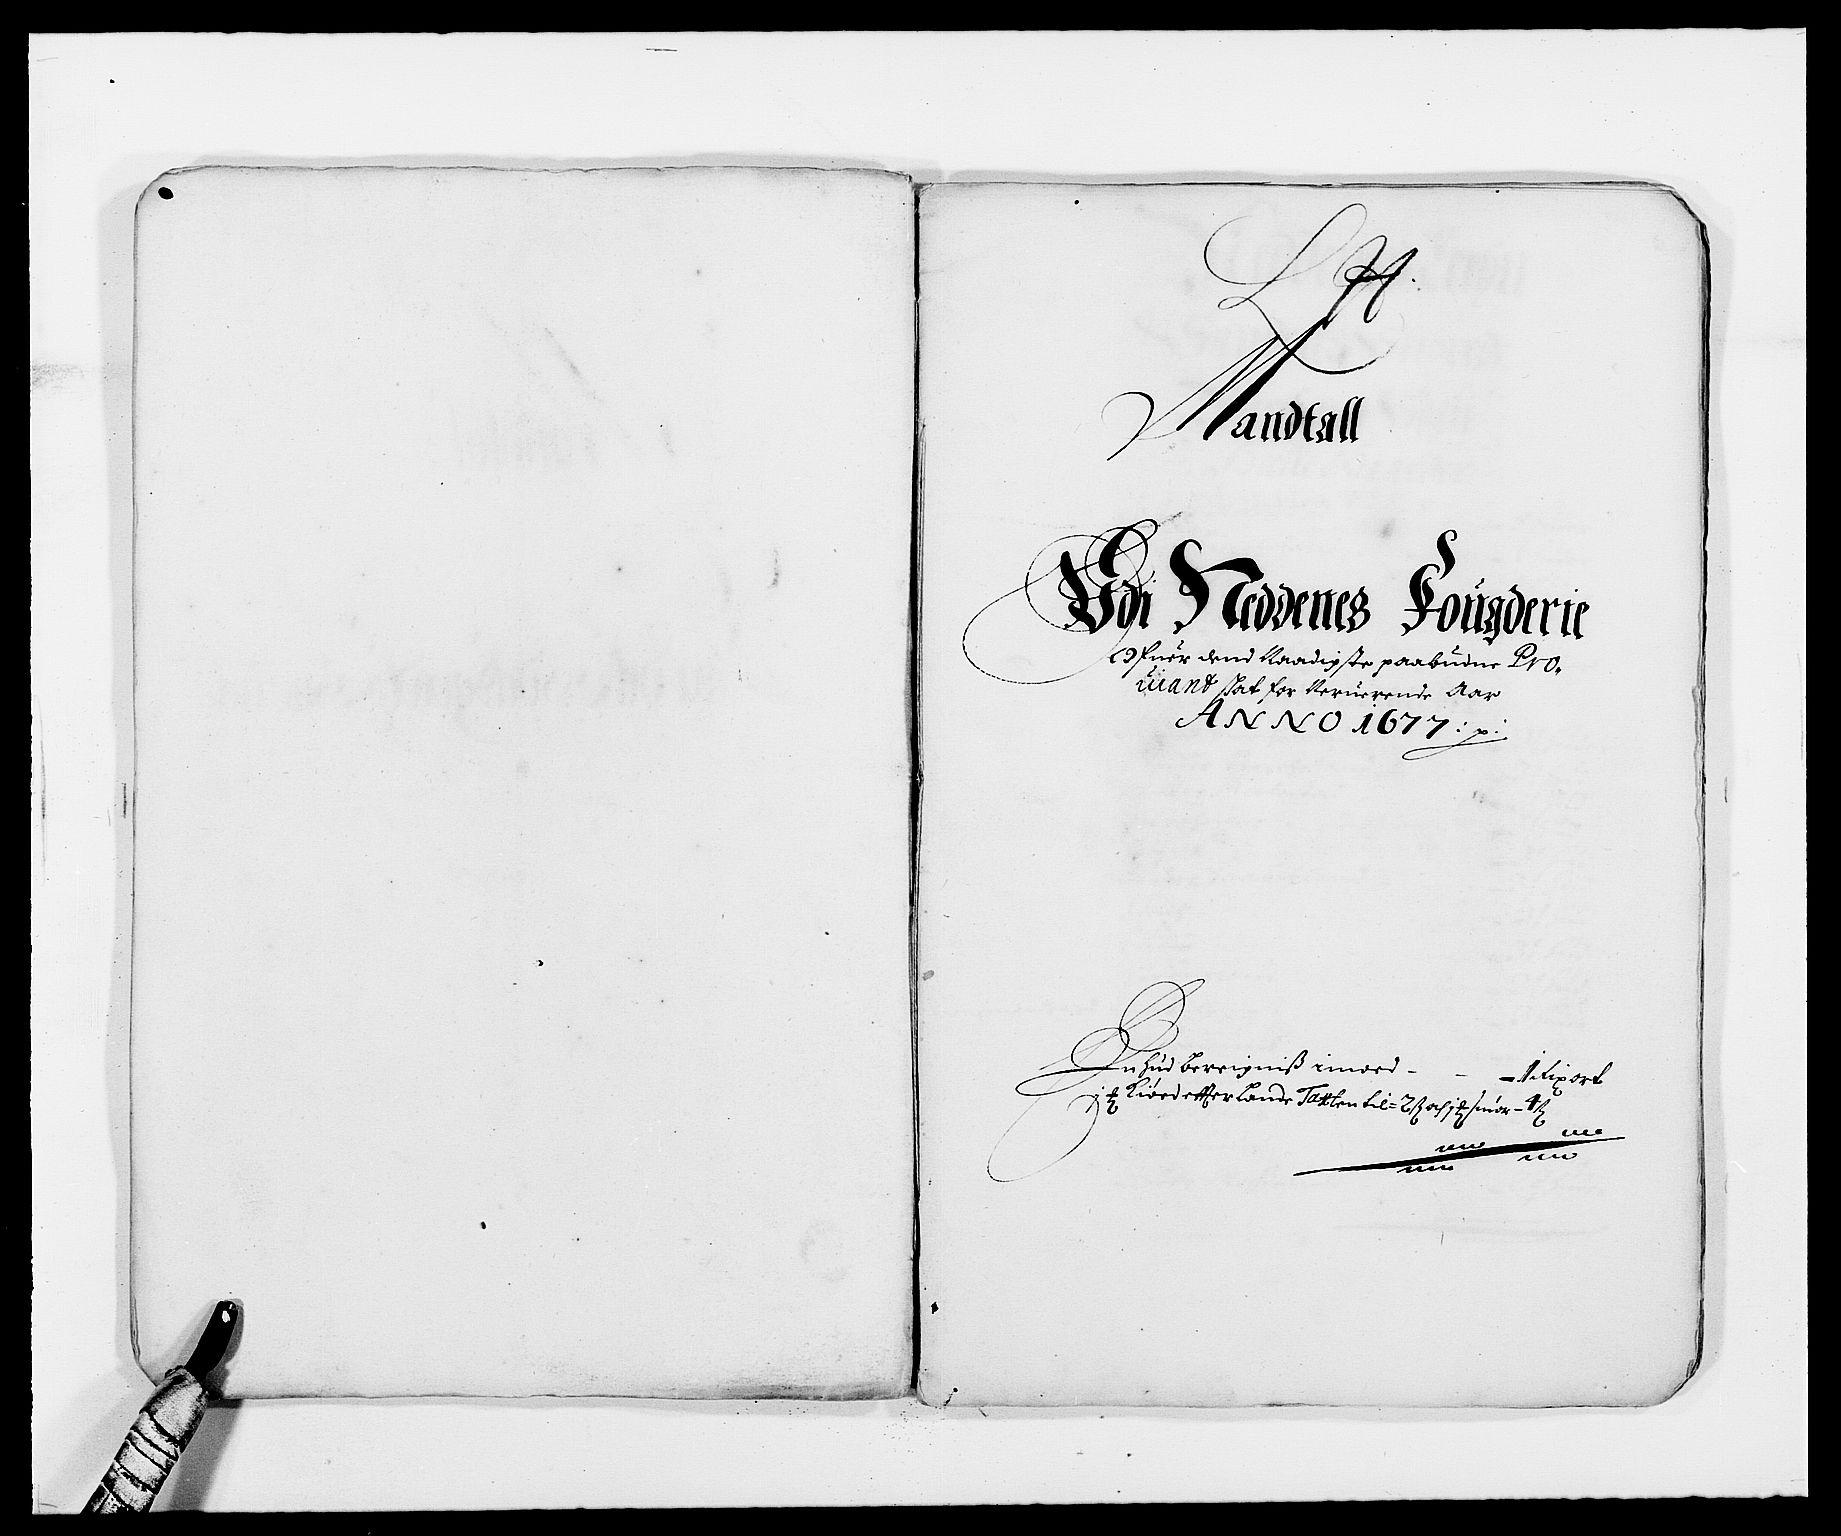 RA, Rentekammeret inntil 1814, Reviderte regnskaper, Fogderegnskap, R39/L2302: Fogderegnskap Nedenes, 1677-1678, s. 154